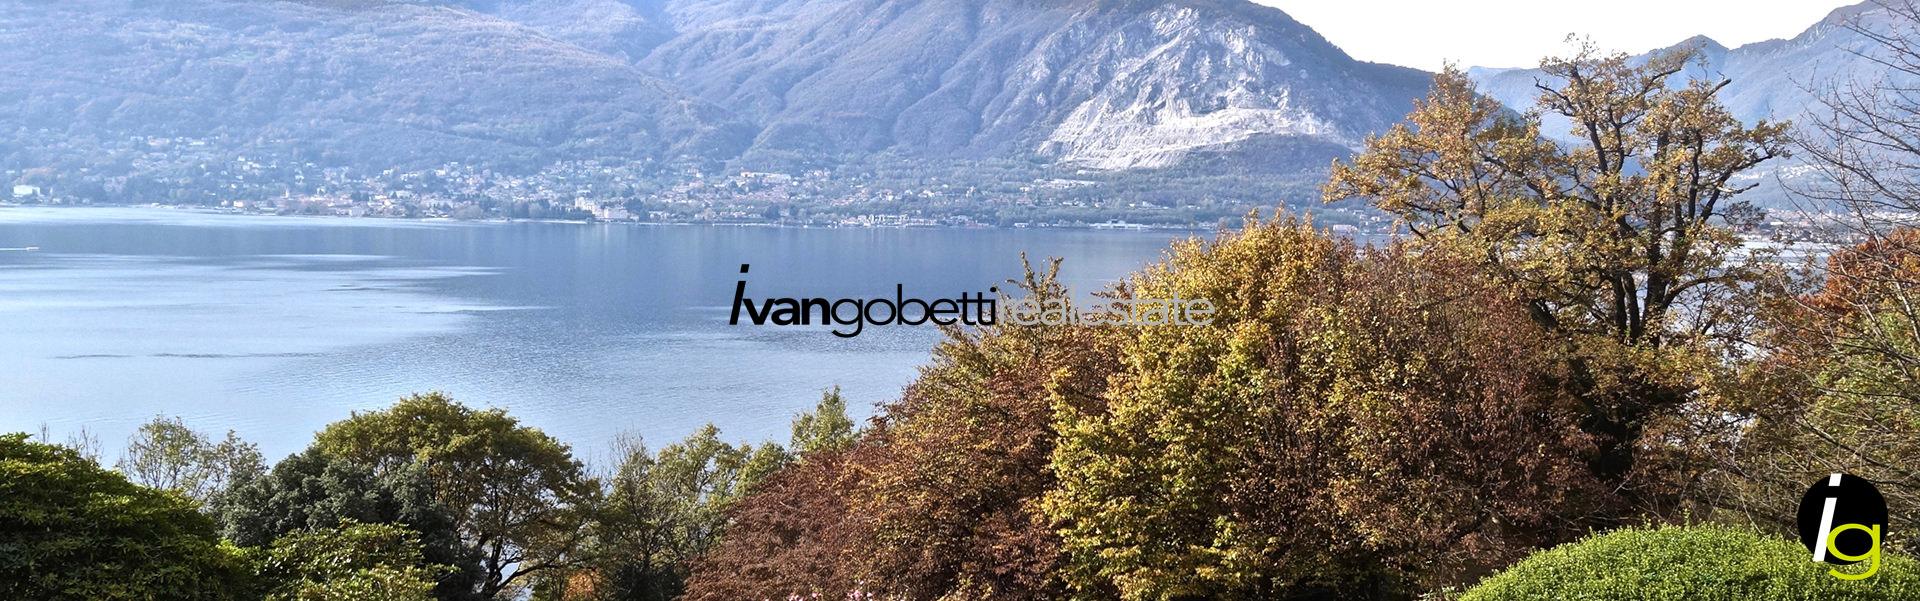 Vendesi sul Lago Maggiore a Verbania Villa con parco e vista mozzafiato sul Golfo Borromeo